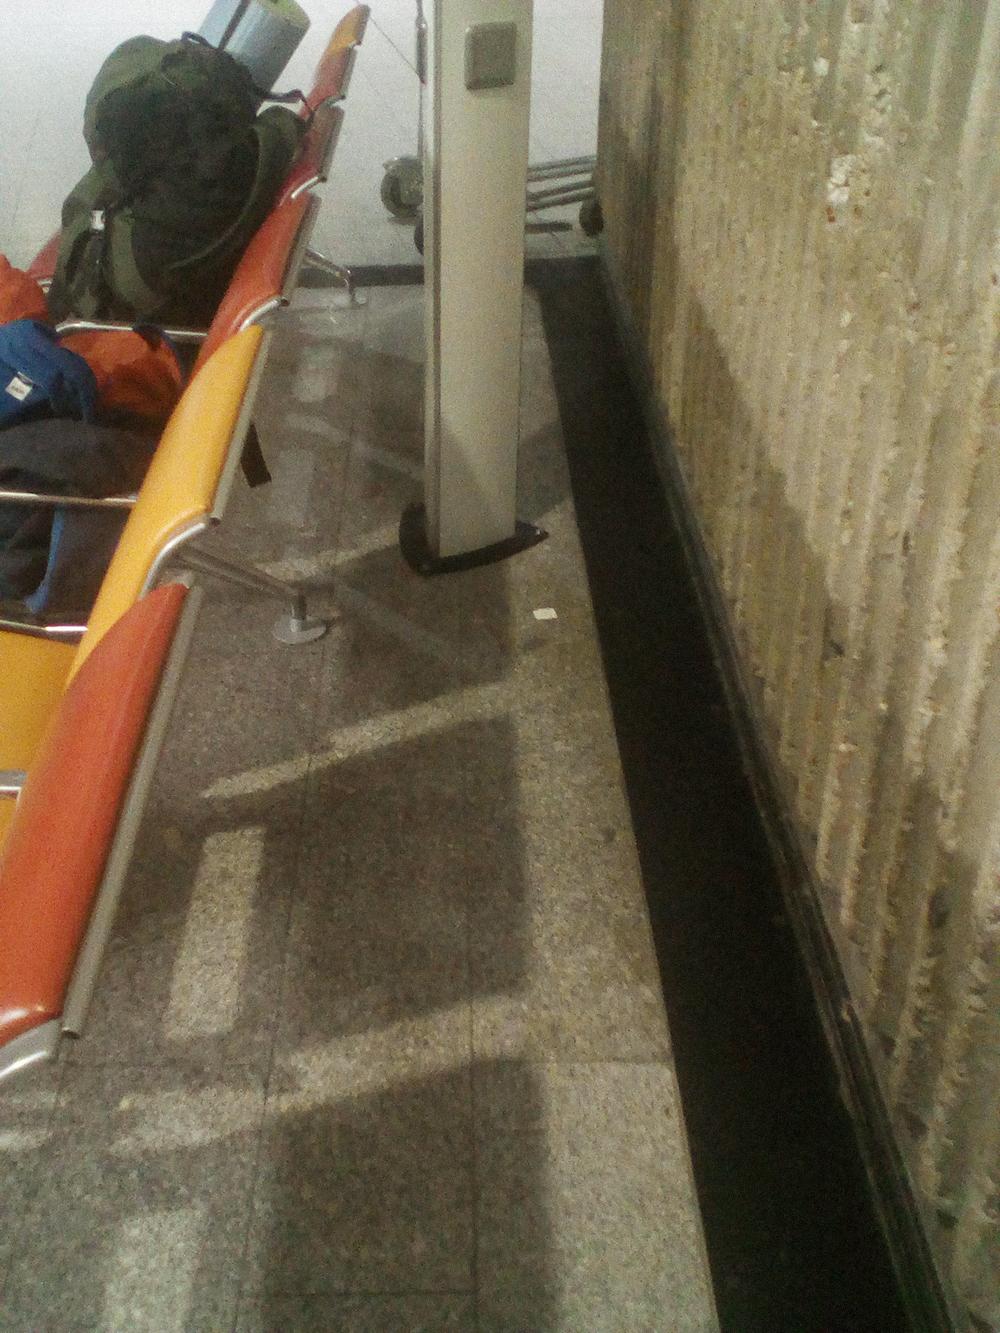 В аэропорту я спал на туристическом коврике в этом уголке. Намного удобнее, чем на сиденьях, и есть розетка под боком